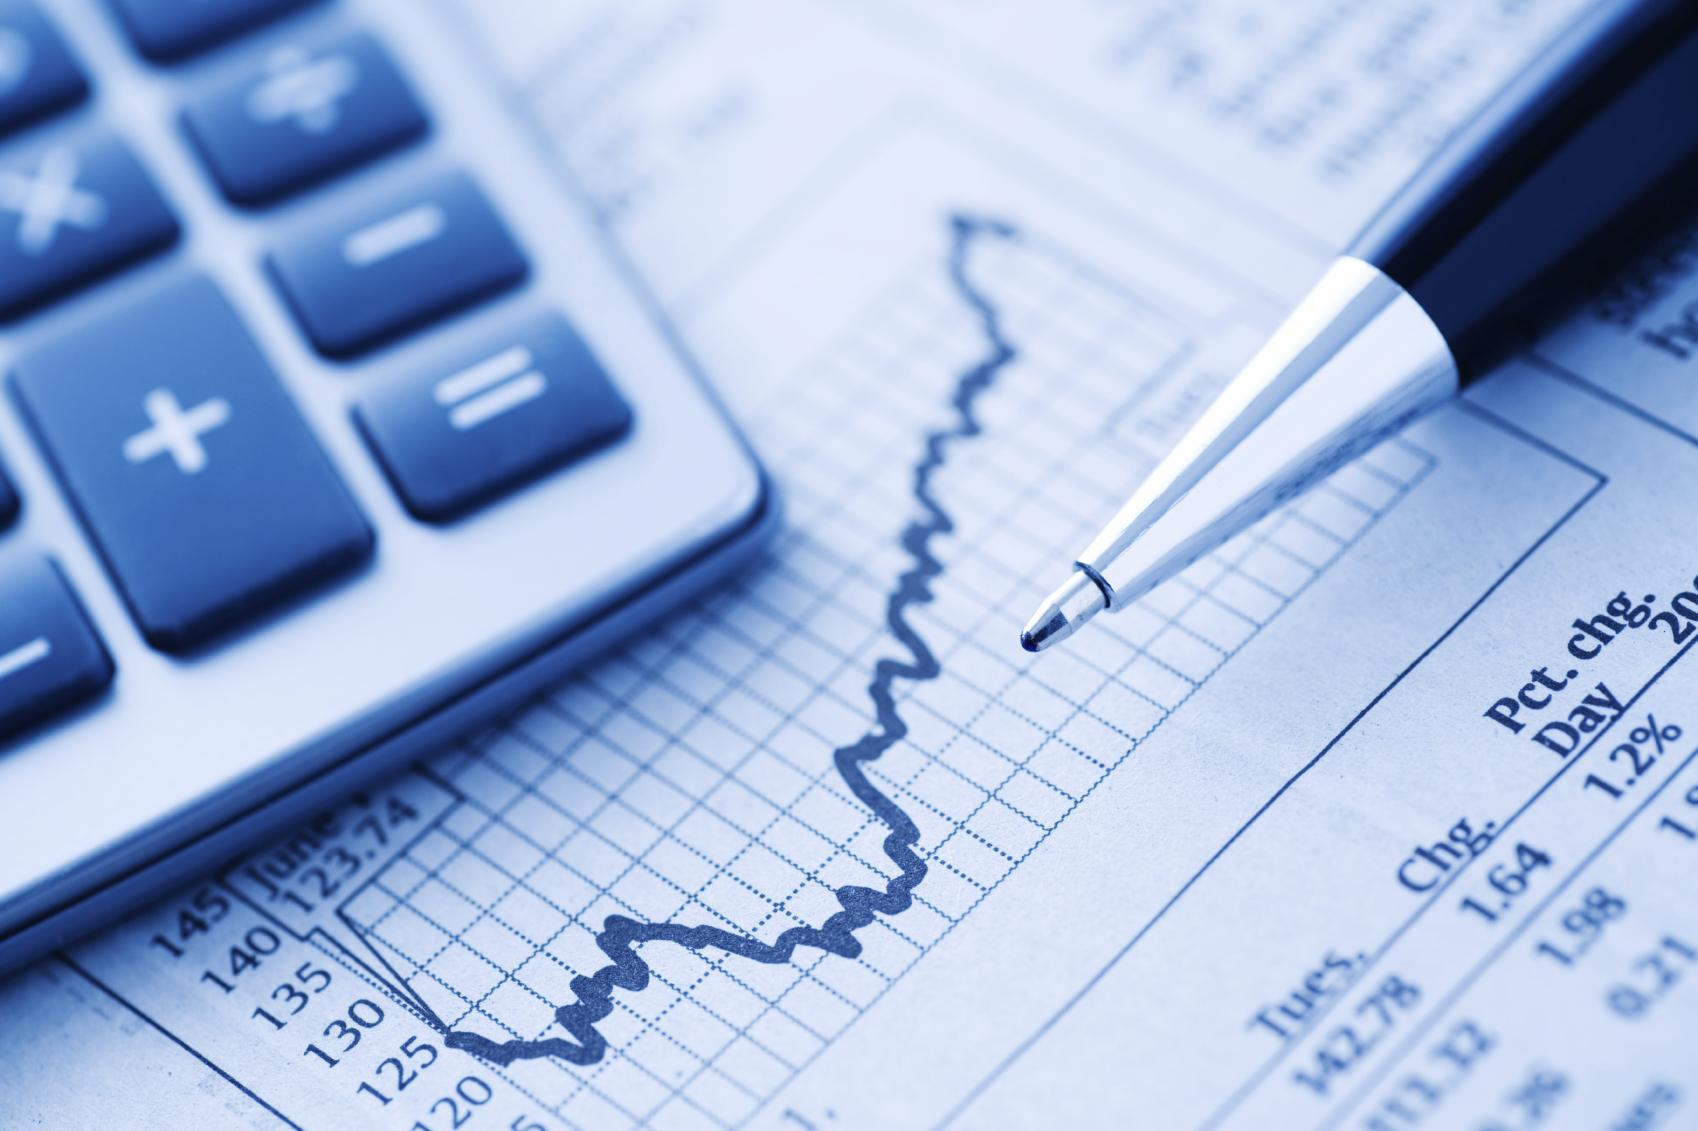 Pedidos de falência caem 18,2% no país em 2017